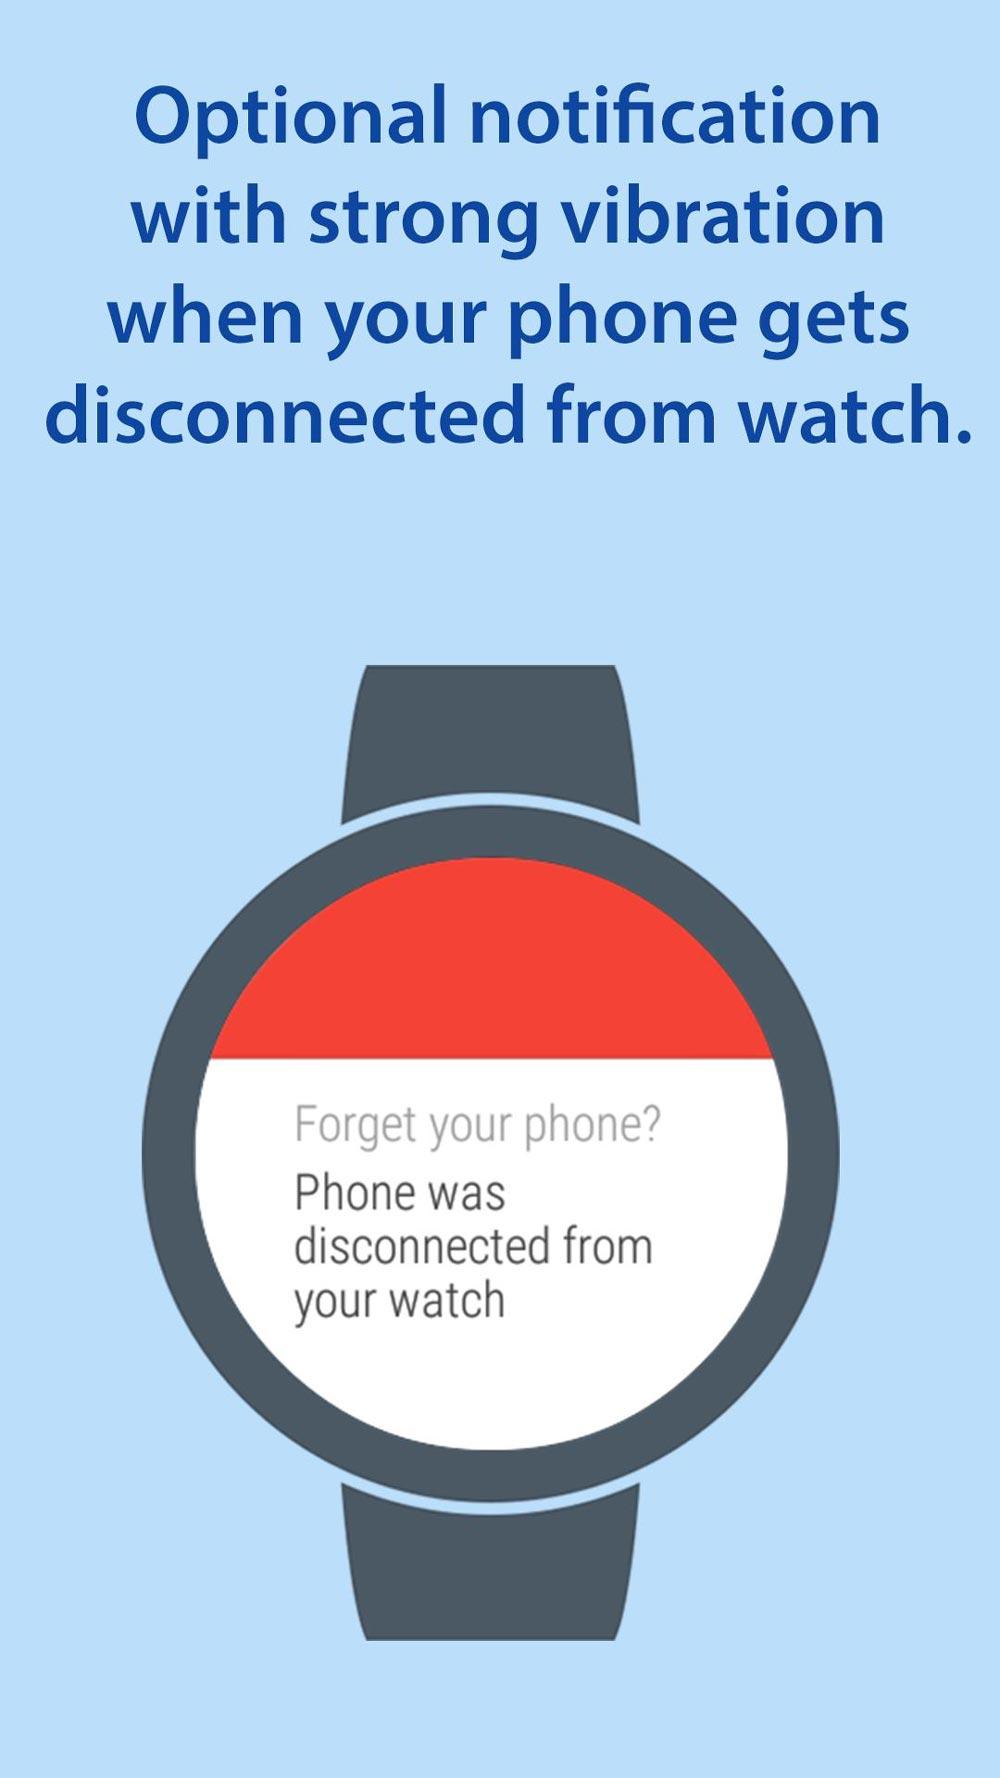 PixtoCam: این نرم افزار کاربرد بسیار خوبی برای ساعت هوشمند شما دارد